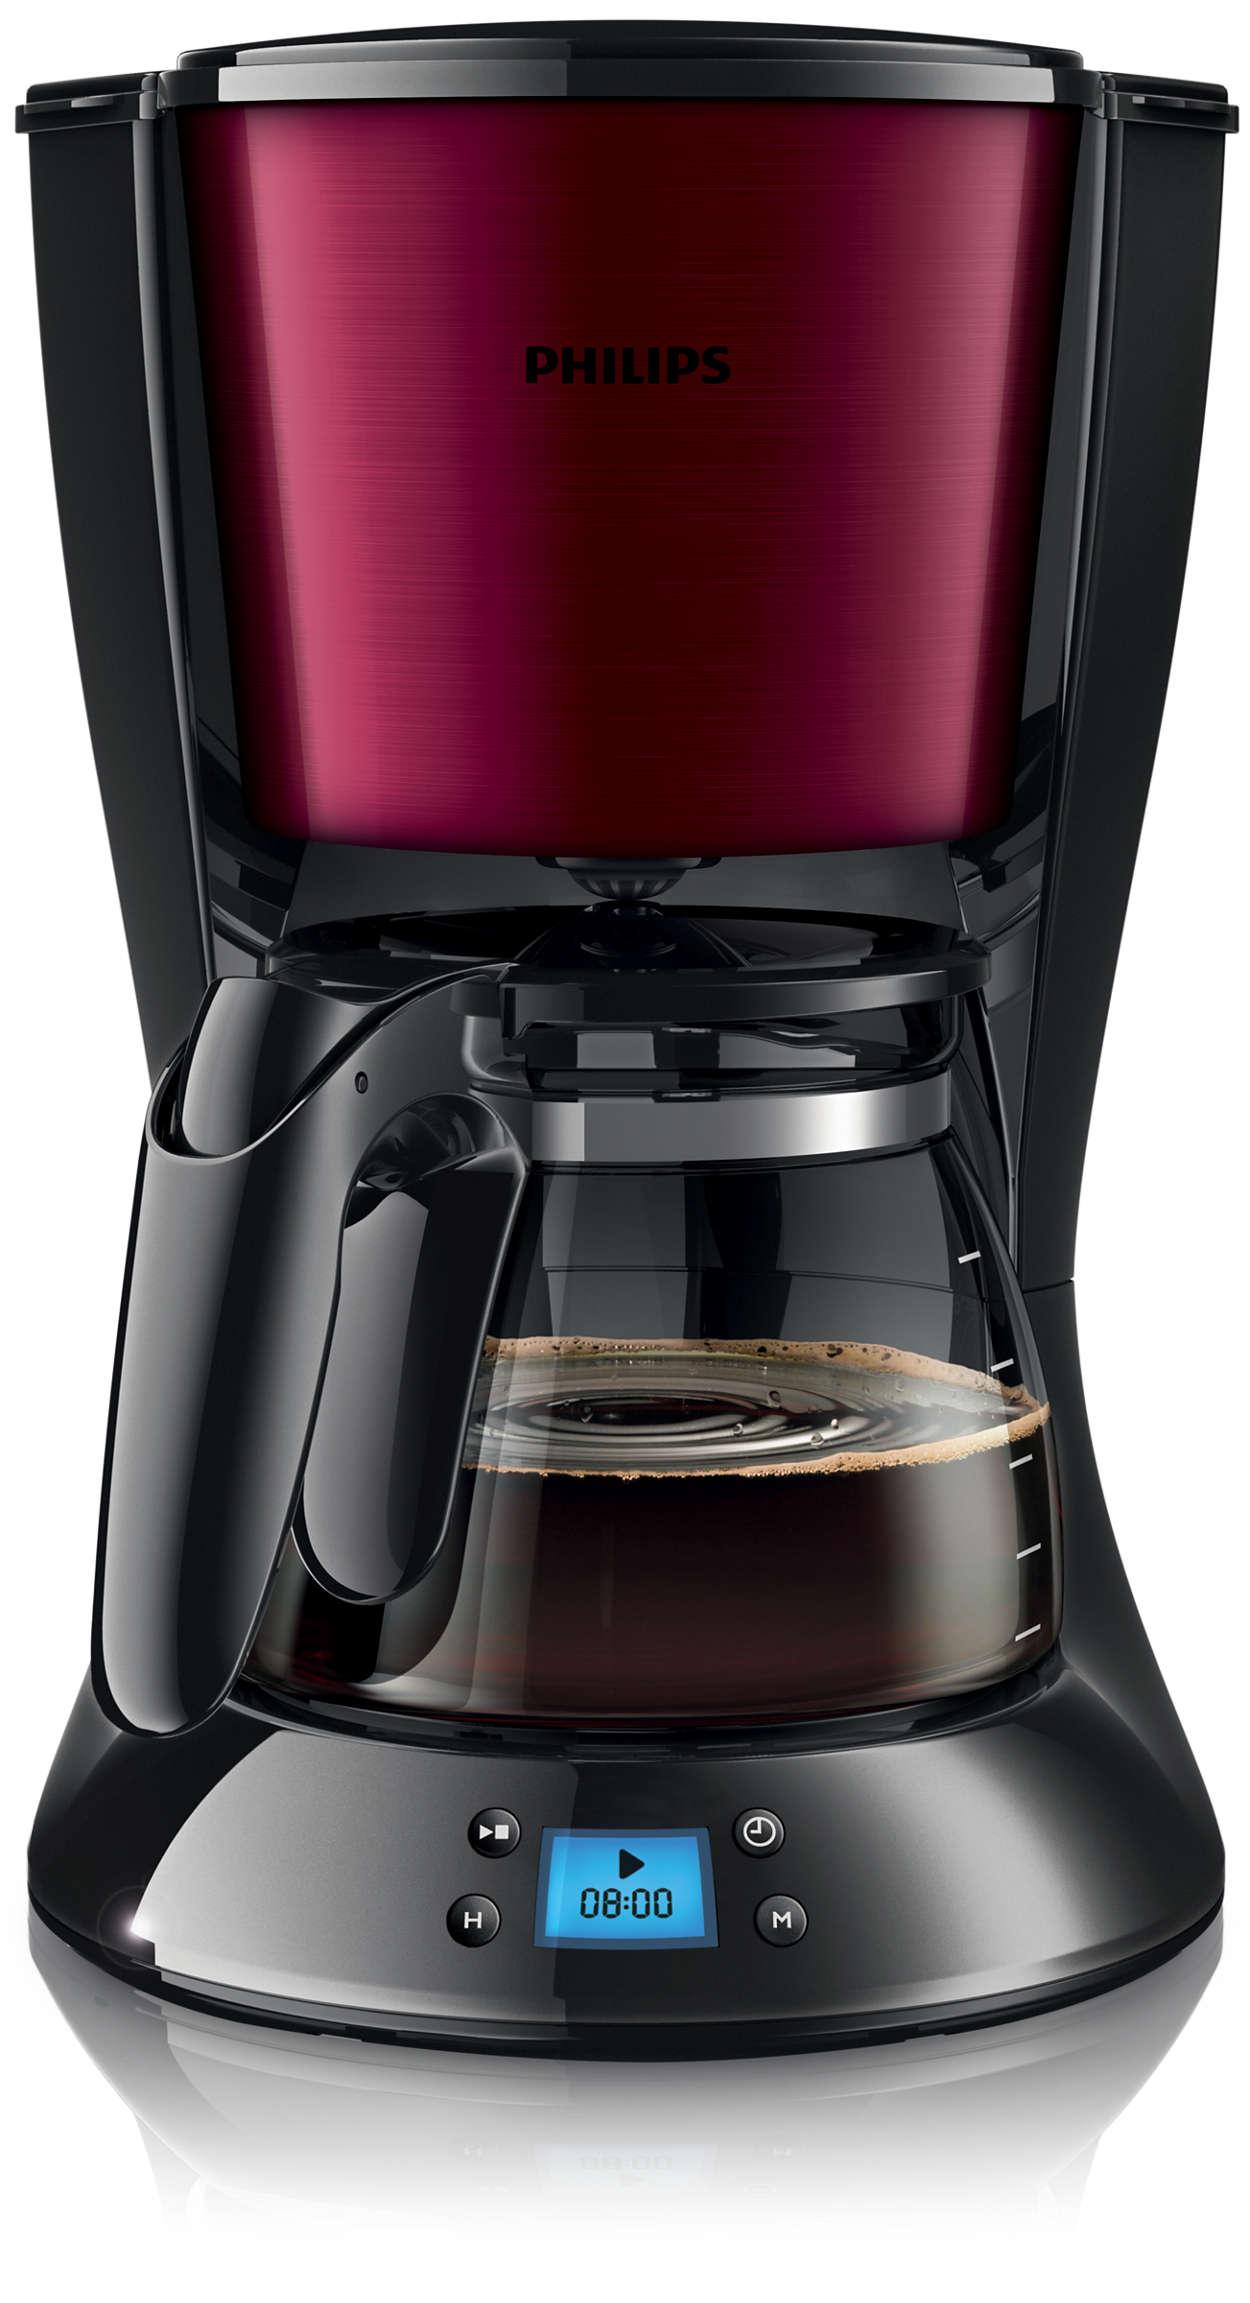 Einfach köstlicher Kaffee